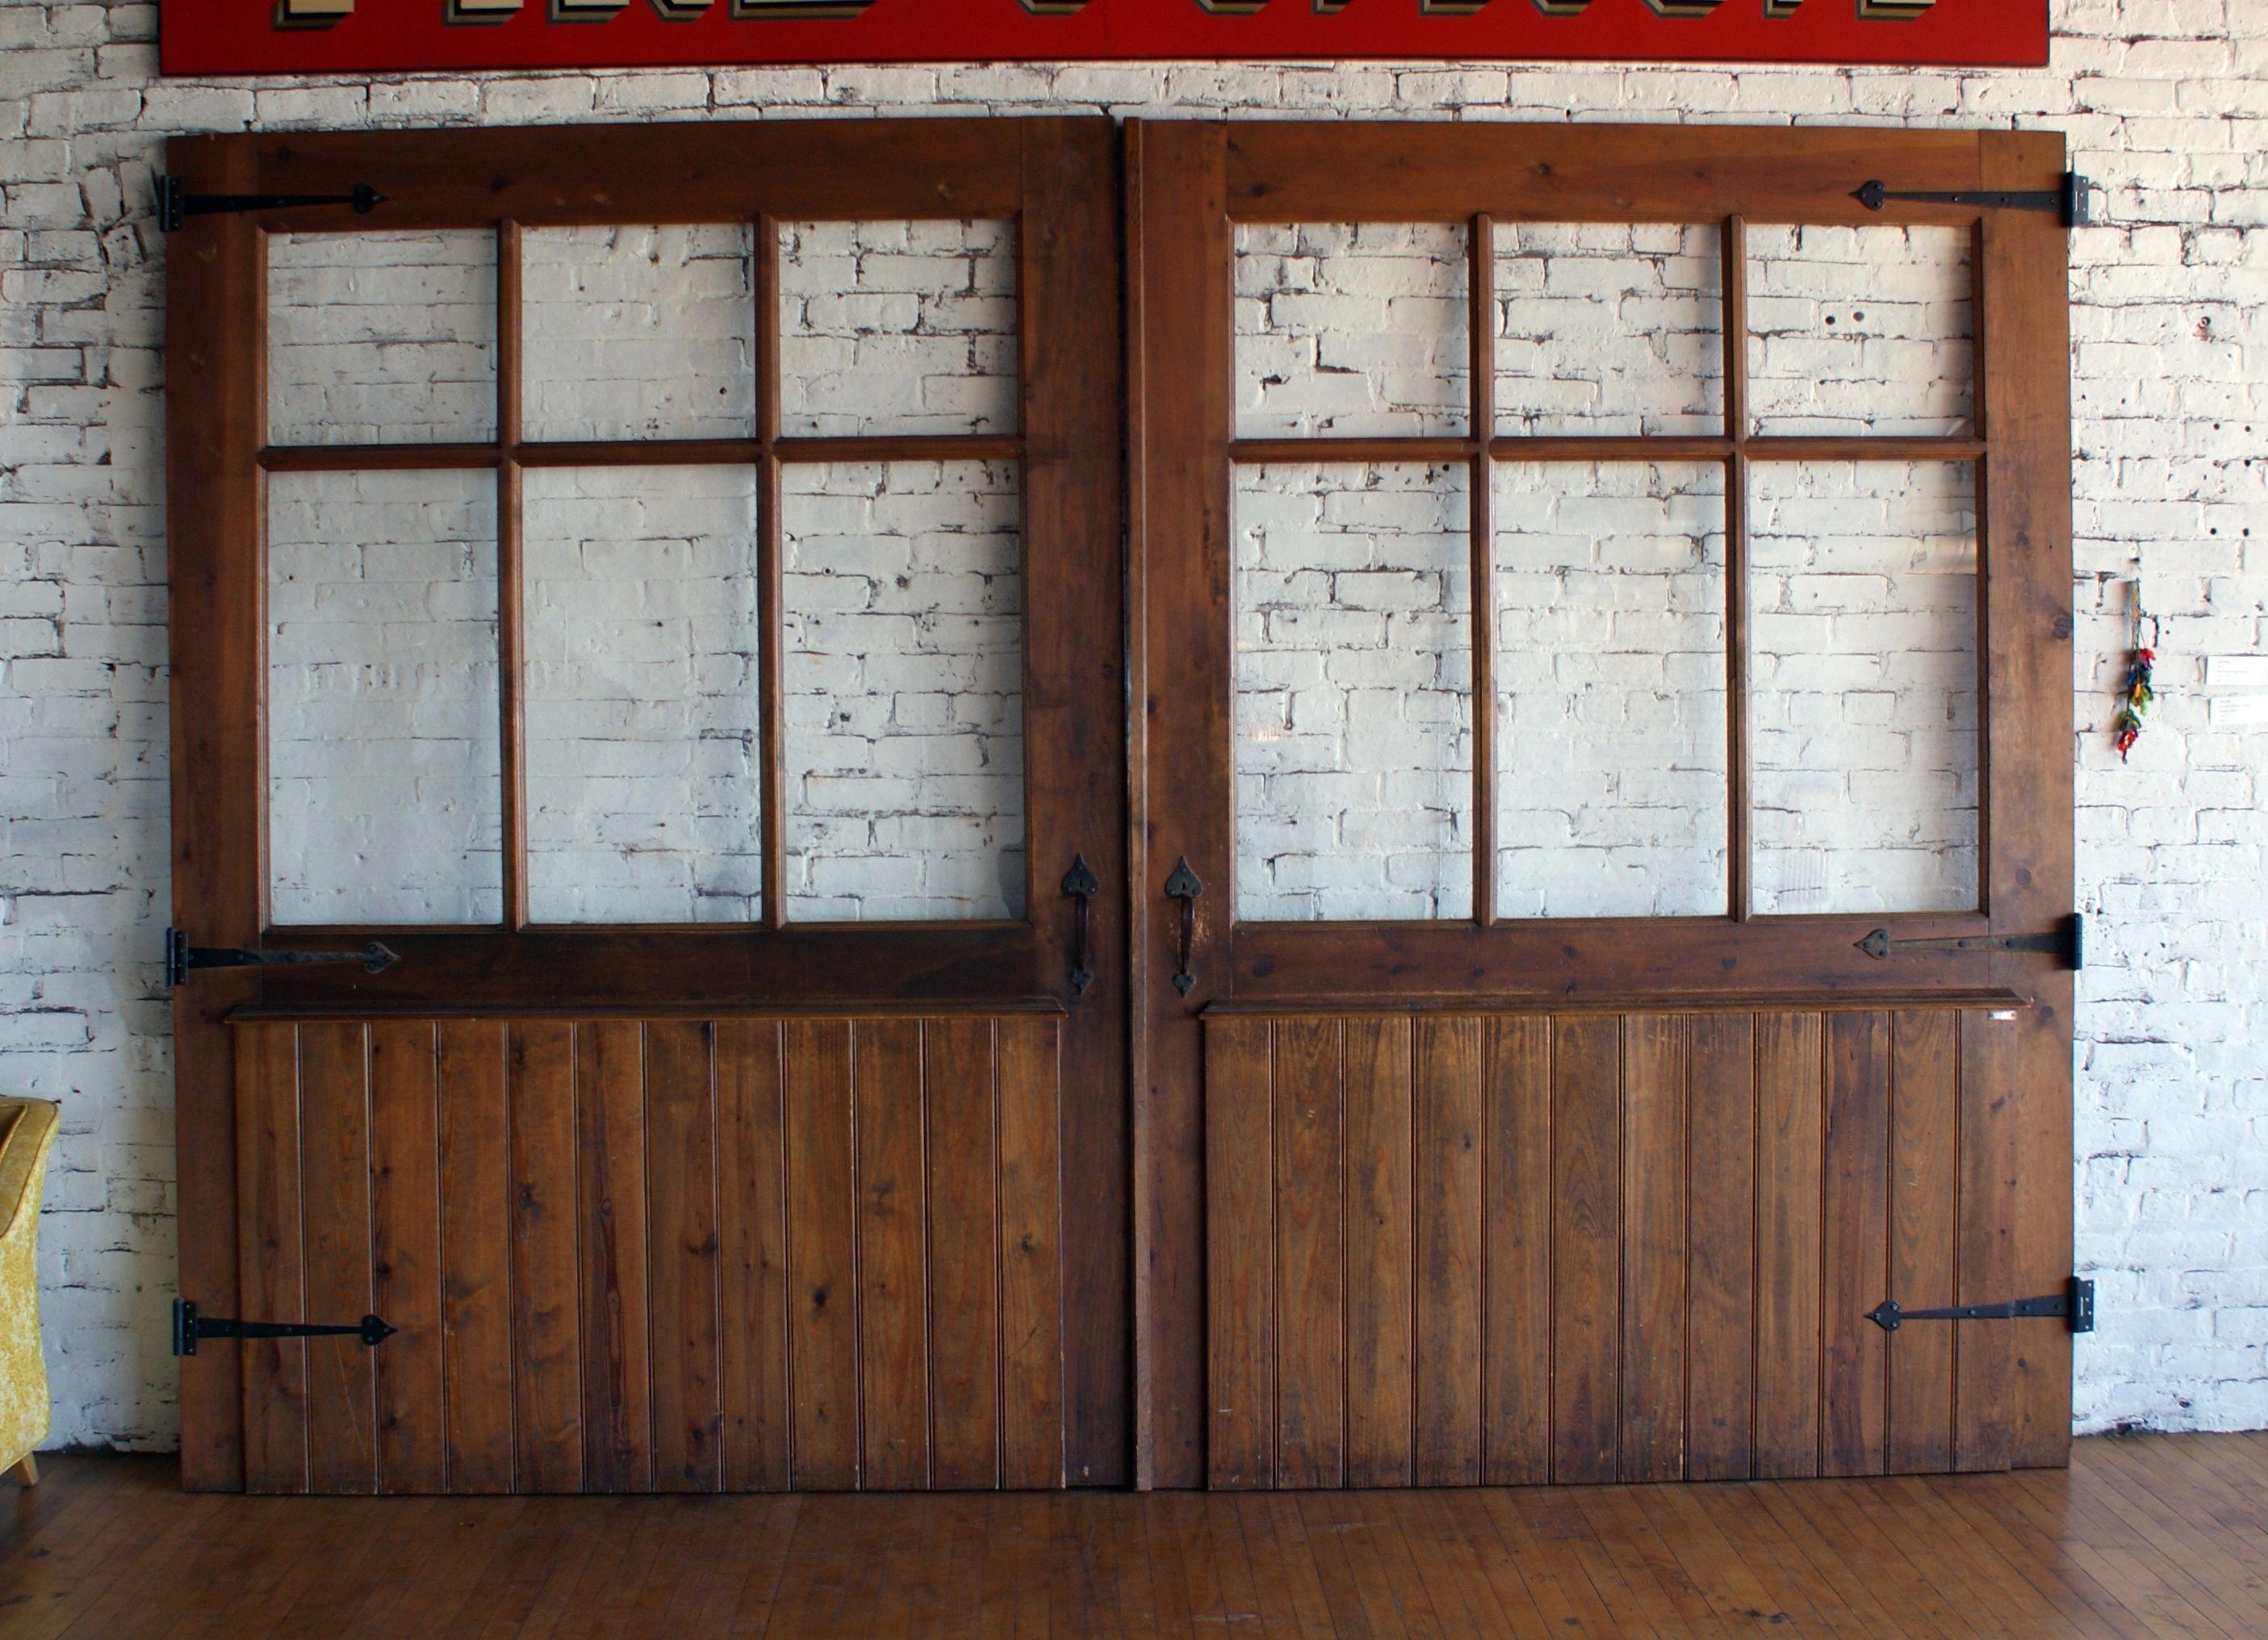 Fire House Exhibit Garage Door Pair From Msi Chicago House Fire Garage Doors Doors